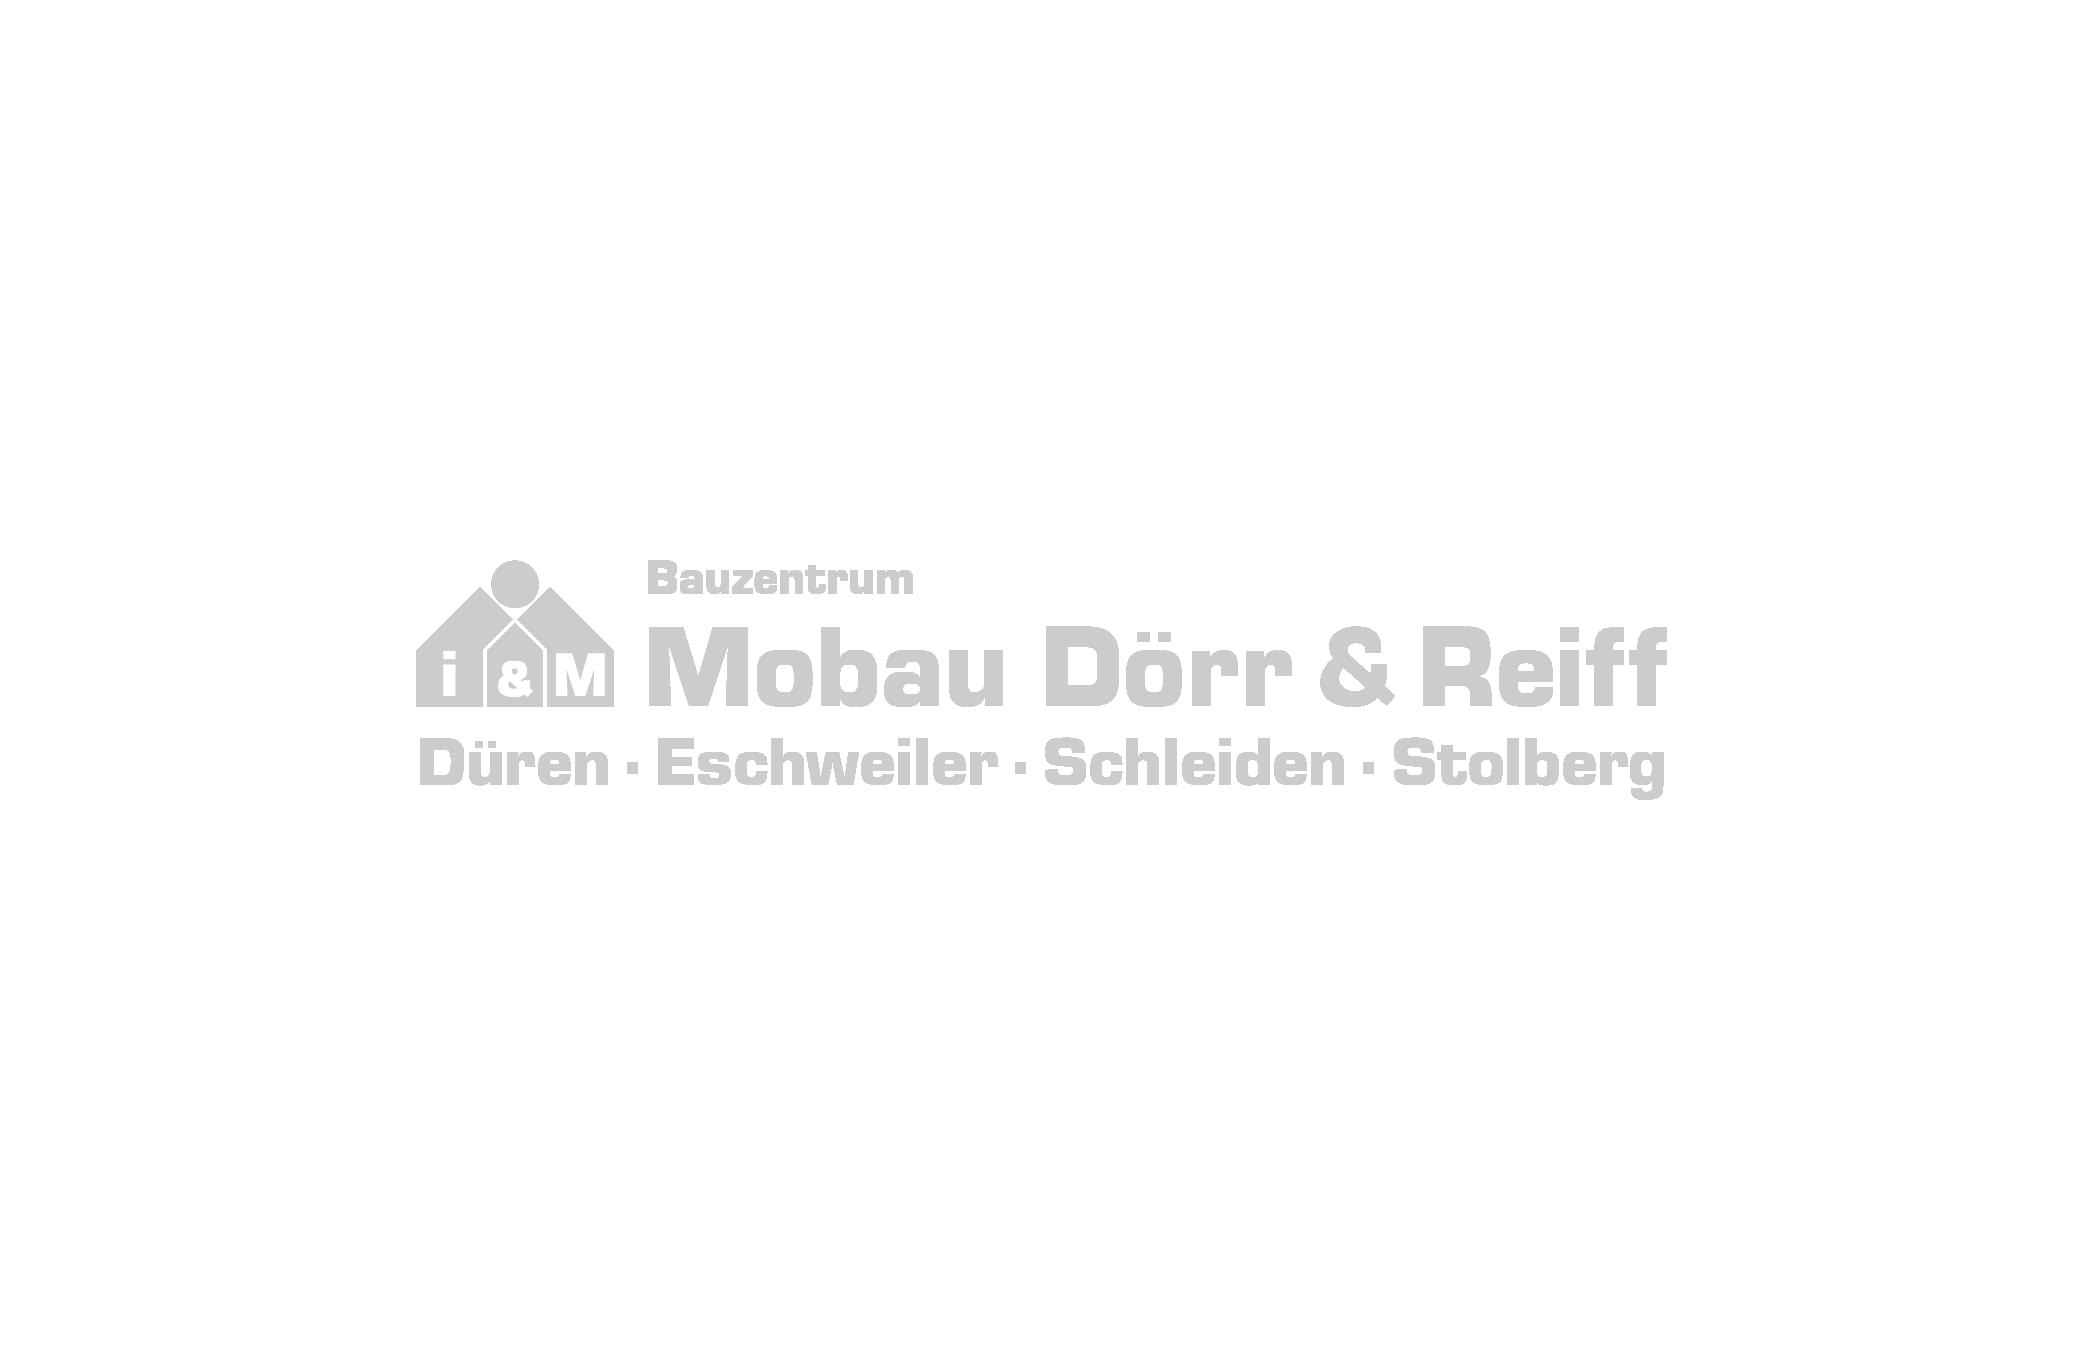 Mobau Dörr und Reiff